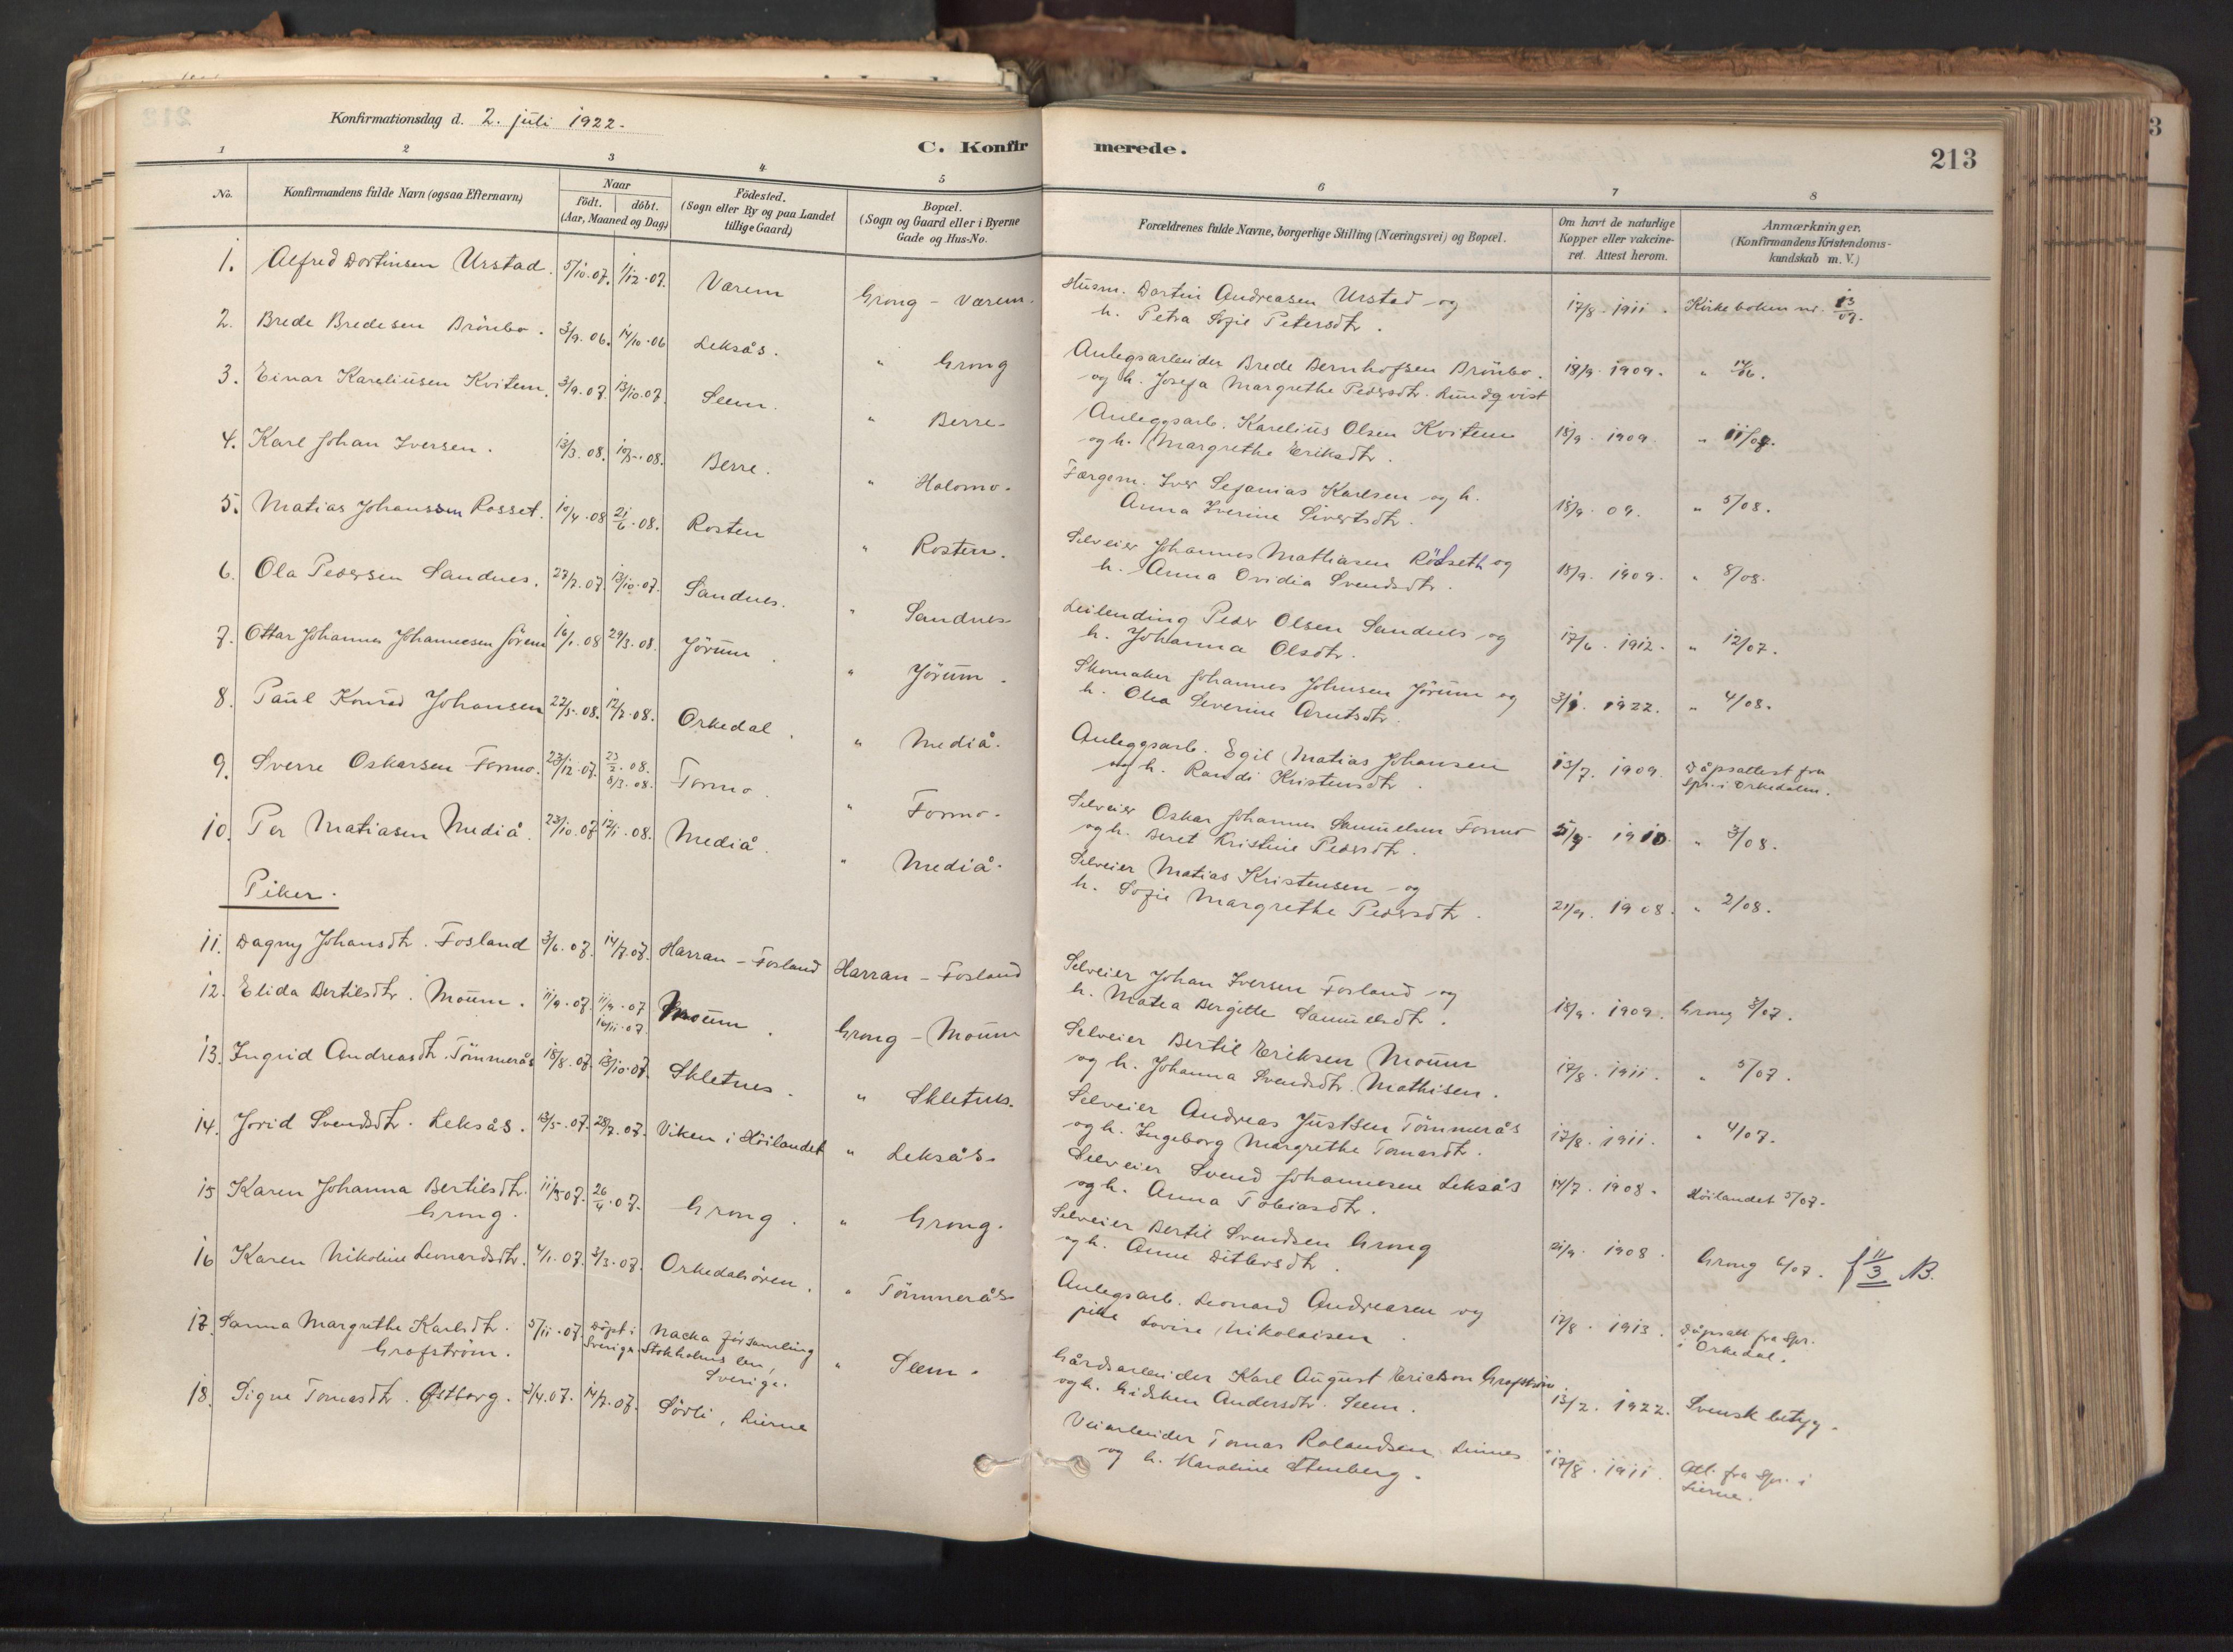 SAT, Ministerialprotokoller, klokkerbøker og fødselsregistre - Nord-Trøndelag, 758/L0519: Ministerialbok nr. 758A04, 1880-1926, s. 213